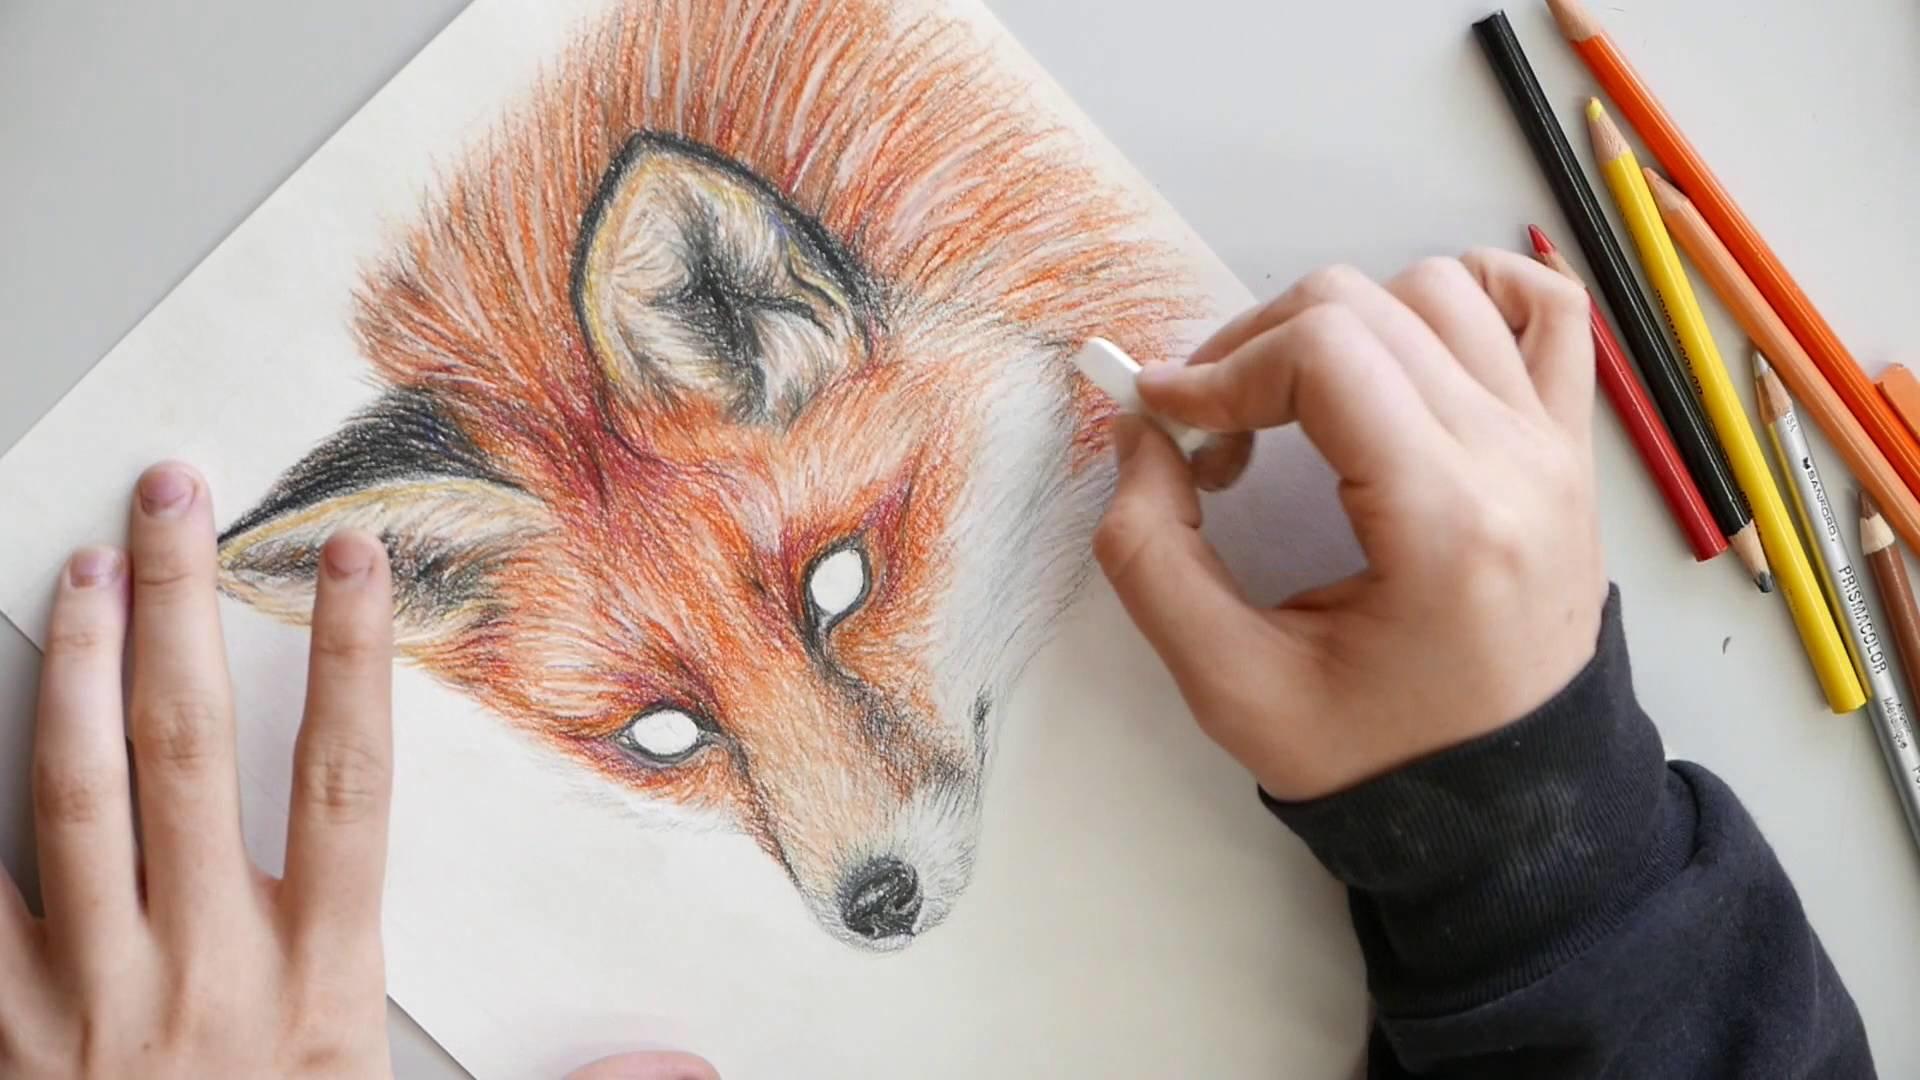 зато красивые картинки своими руками нарисовать цветными карандашами кухня является